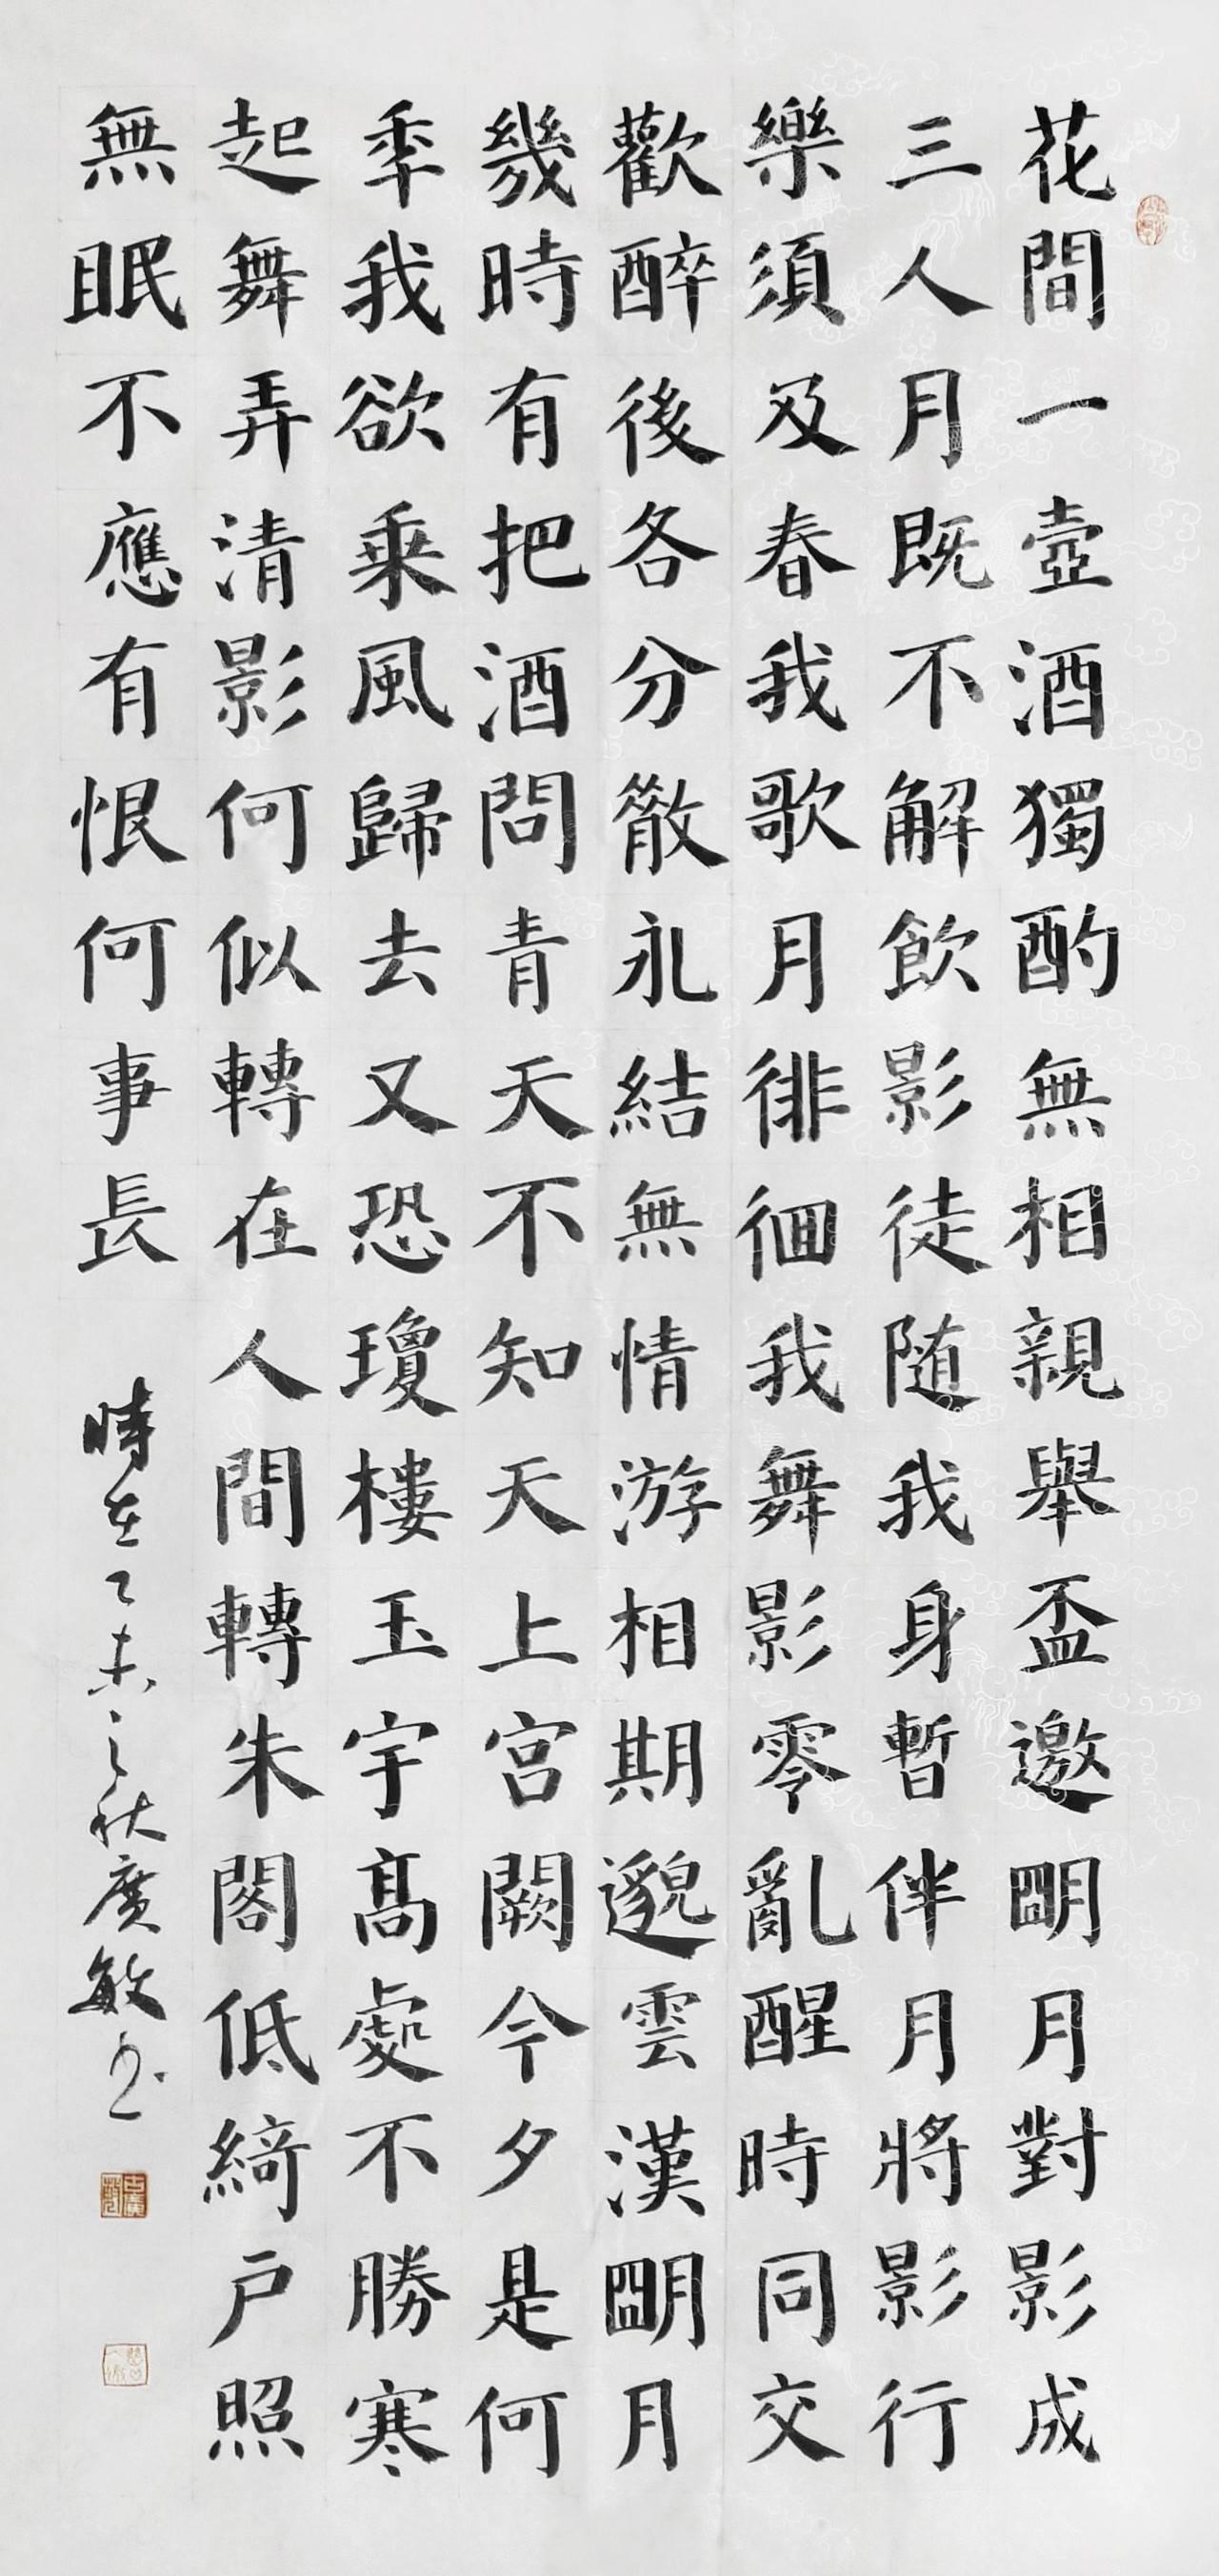 文化 正文  出版:《中国梦·劳动美》首届广东省职工书画创作大赛作